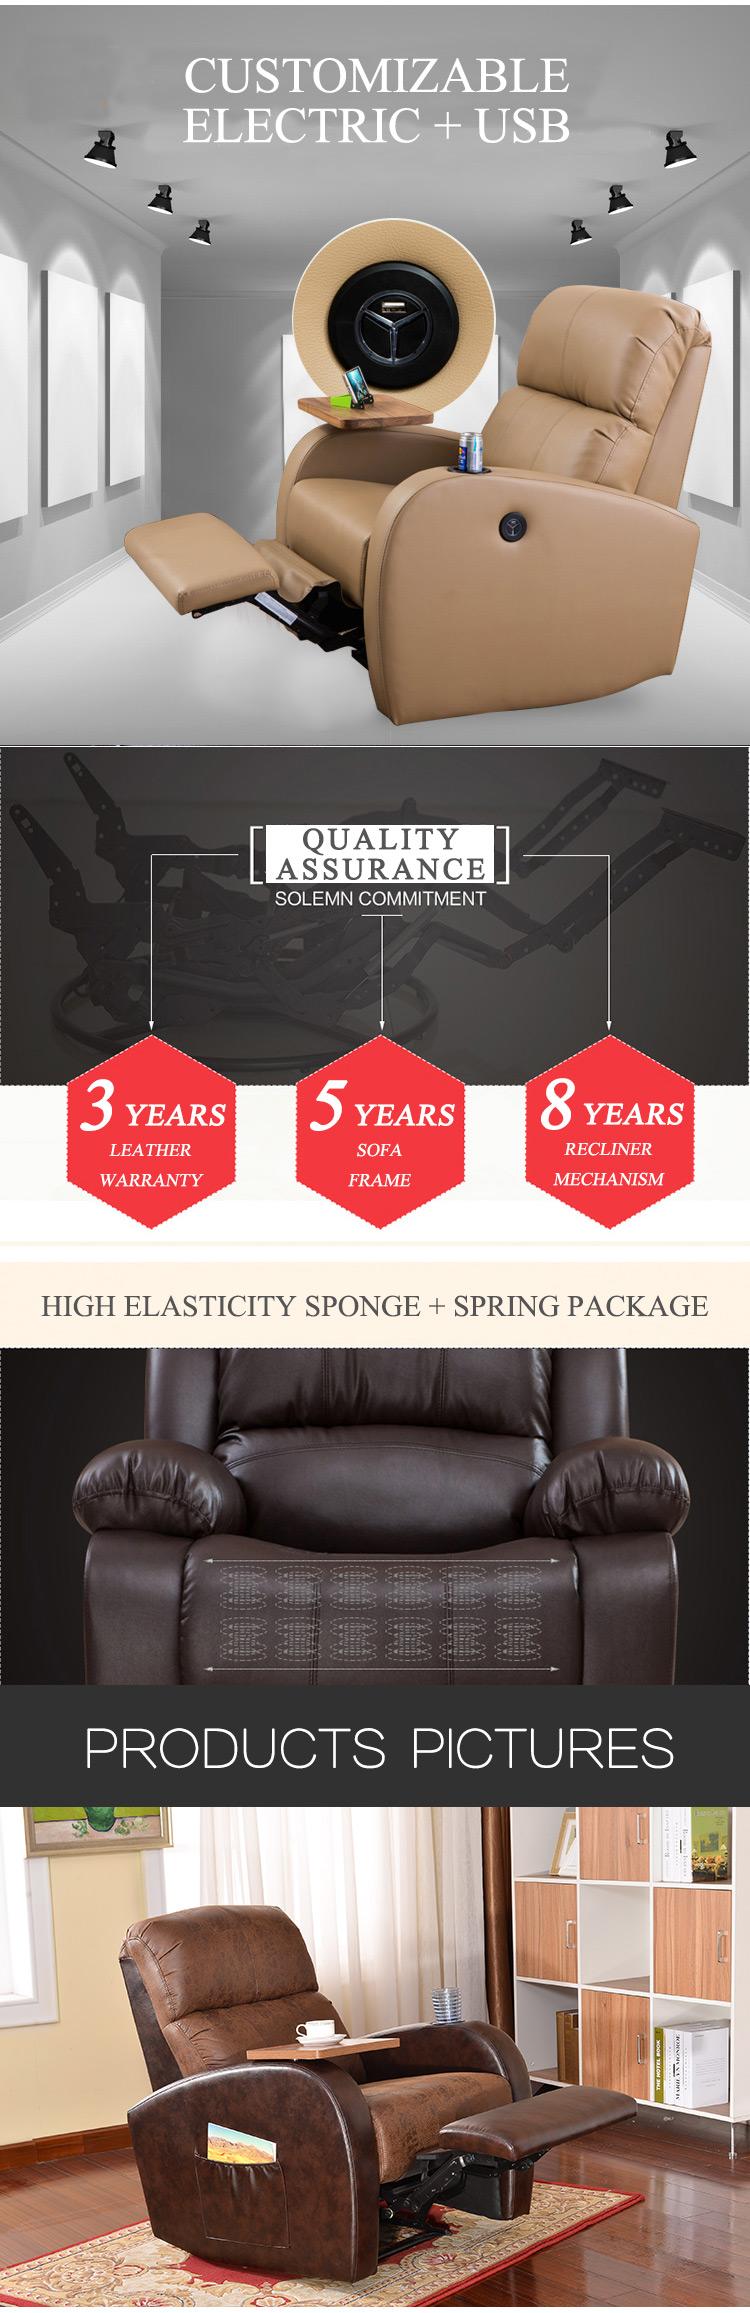 Sofá reclinable de piel Kuka reclinable eléctrico único con respaldo ajustable para boda de estilo americano con portavasos y almohadilla de escritura